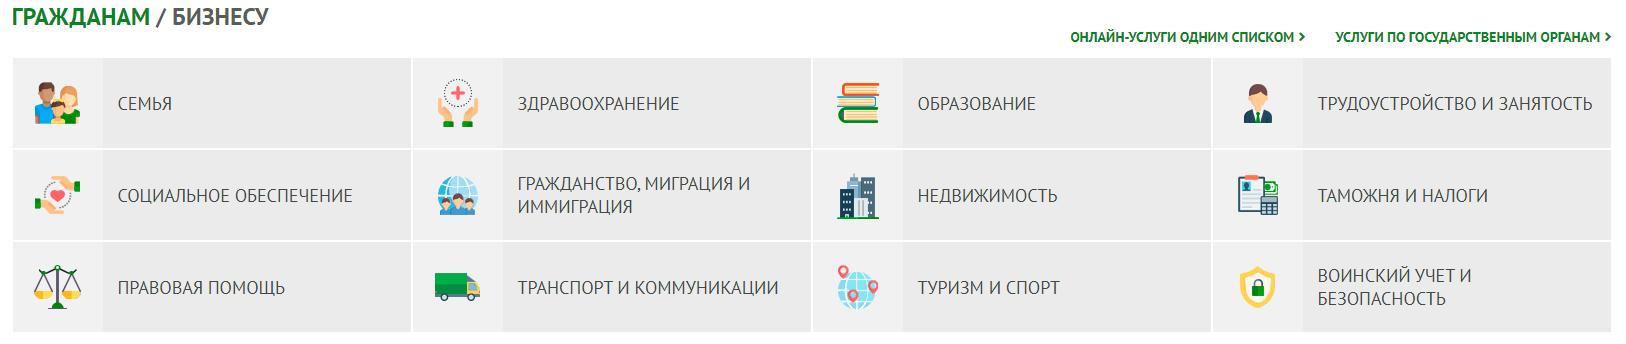 Электронные услуги ЕГОВ КЗ